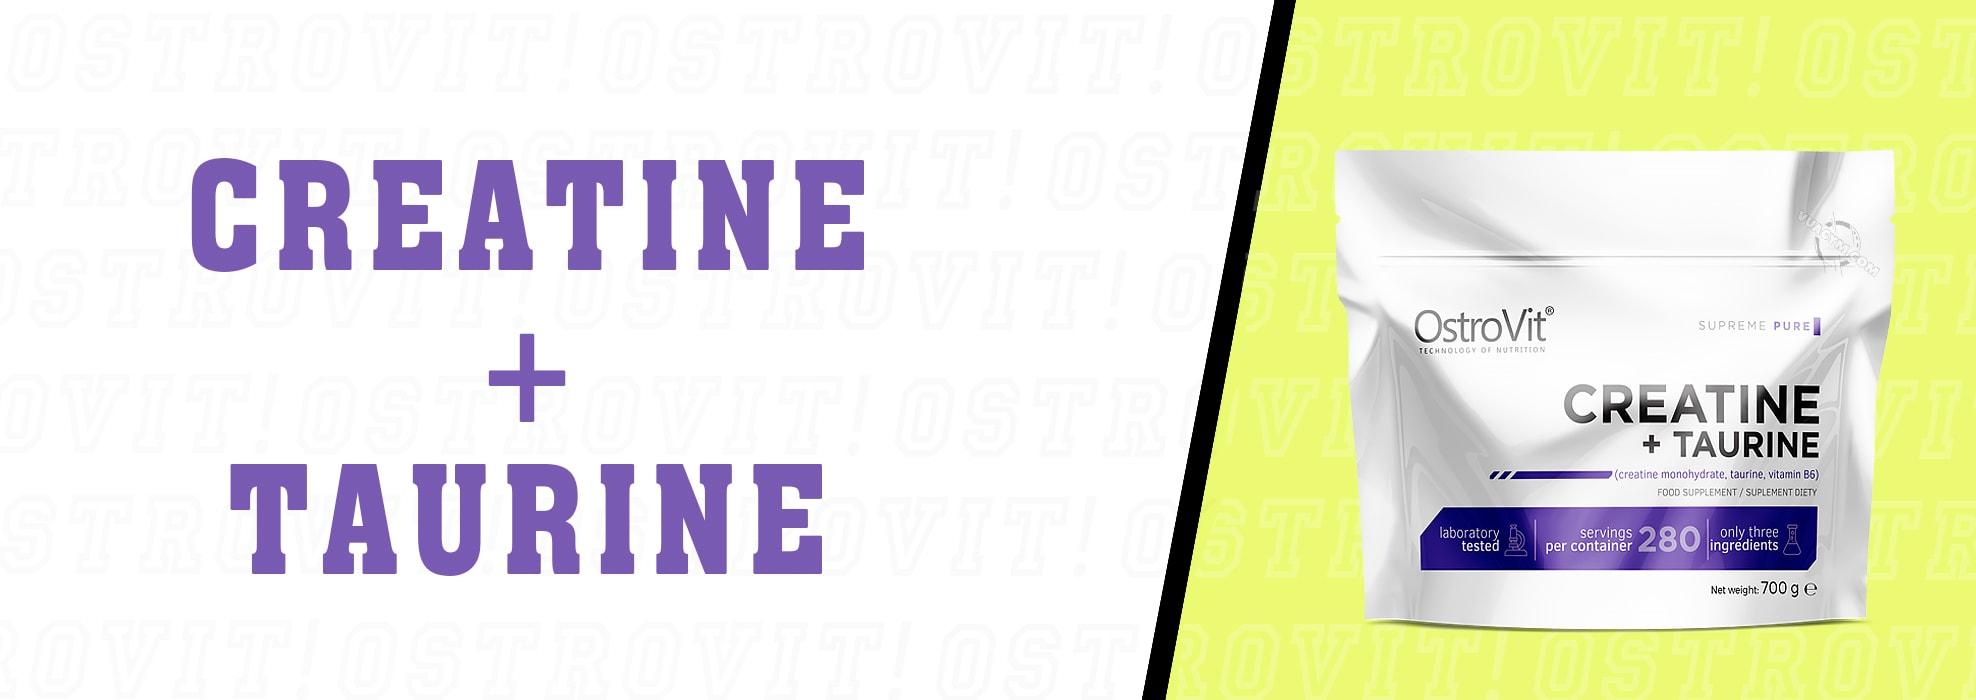 OstroVit - Creatine + Taurine (700g) - ostrovit creatine taurine 700g mota